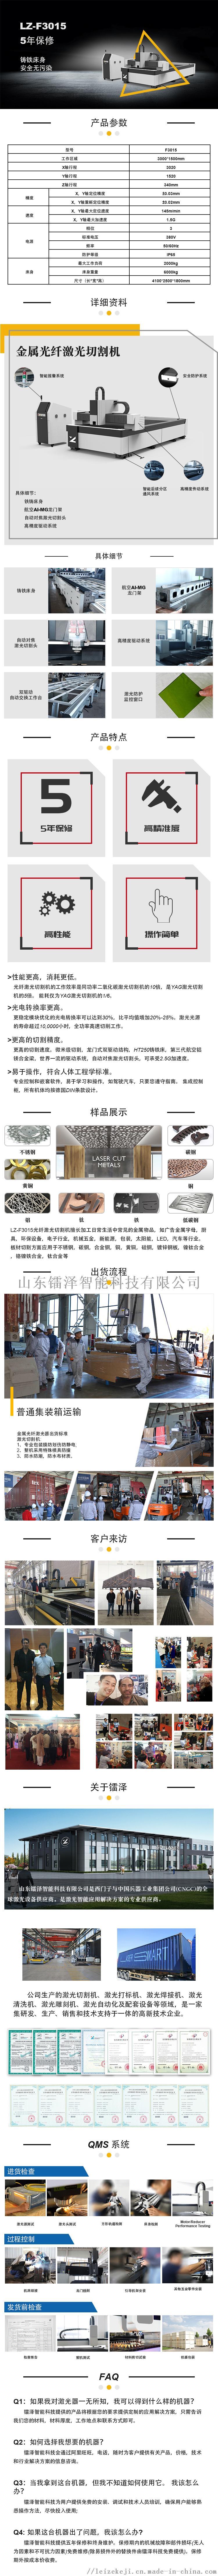 F3015中文.jpg